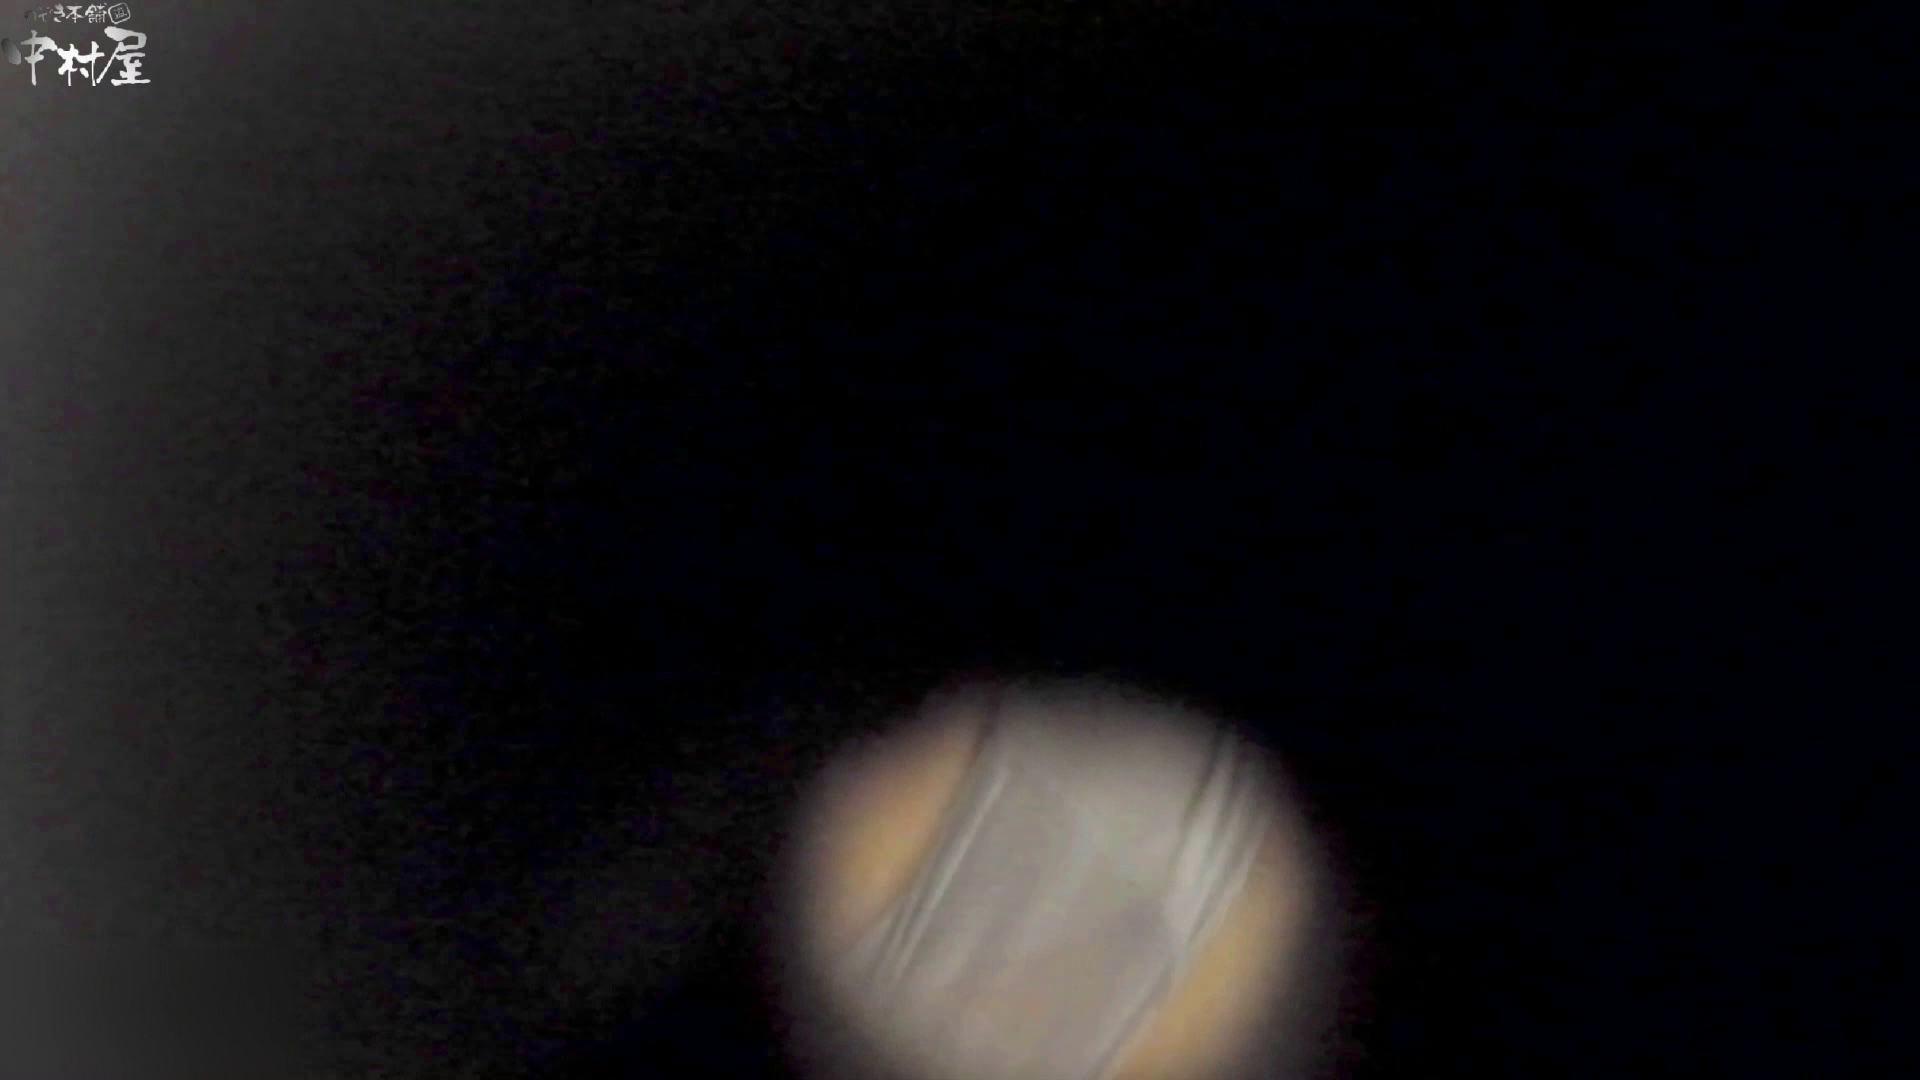 お市さんの「お尻丸出しジャンボリー」No.09 盗撮シリーズ すけべAV動画紹介 91PIX 68